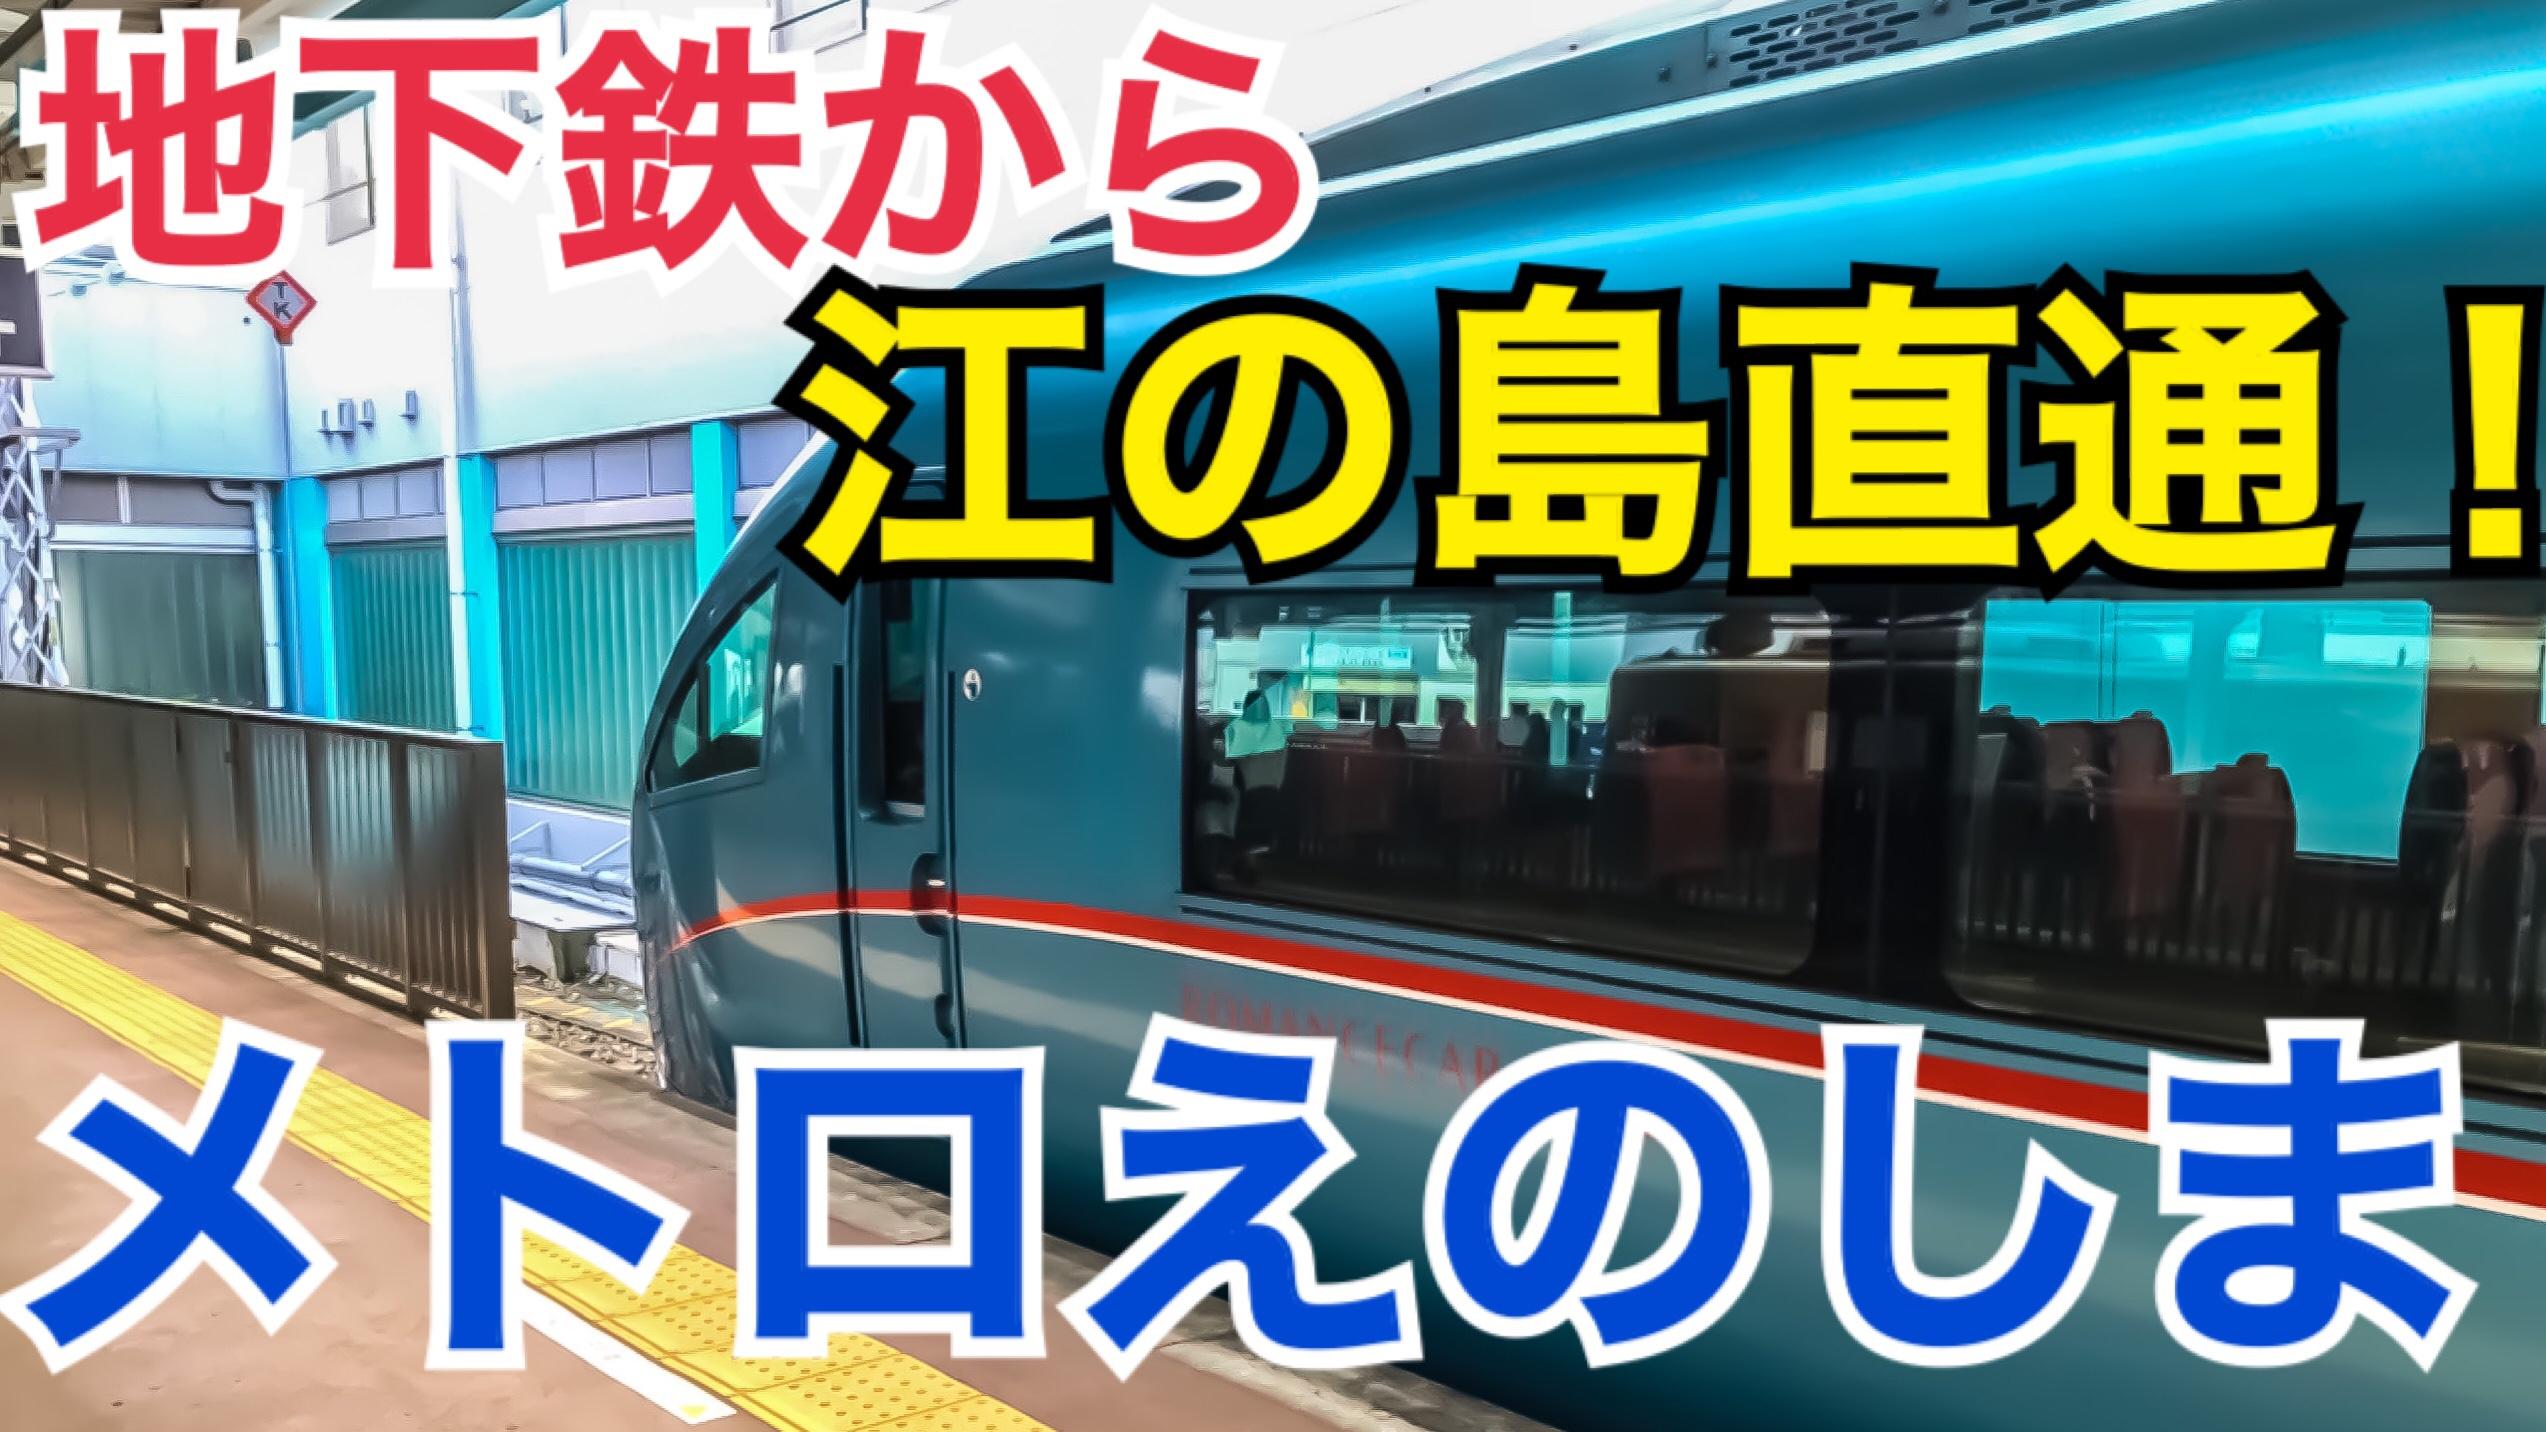 地下鉄から江の島直通!旅気分を演出するメトロえのしま乗車記【江の島・鎌倉の旅】